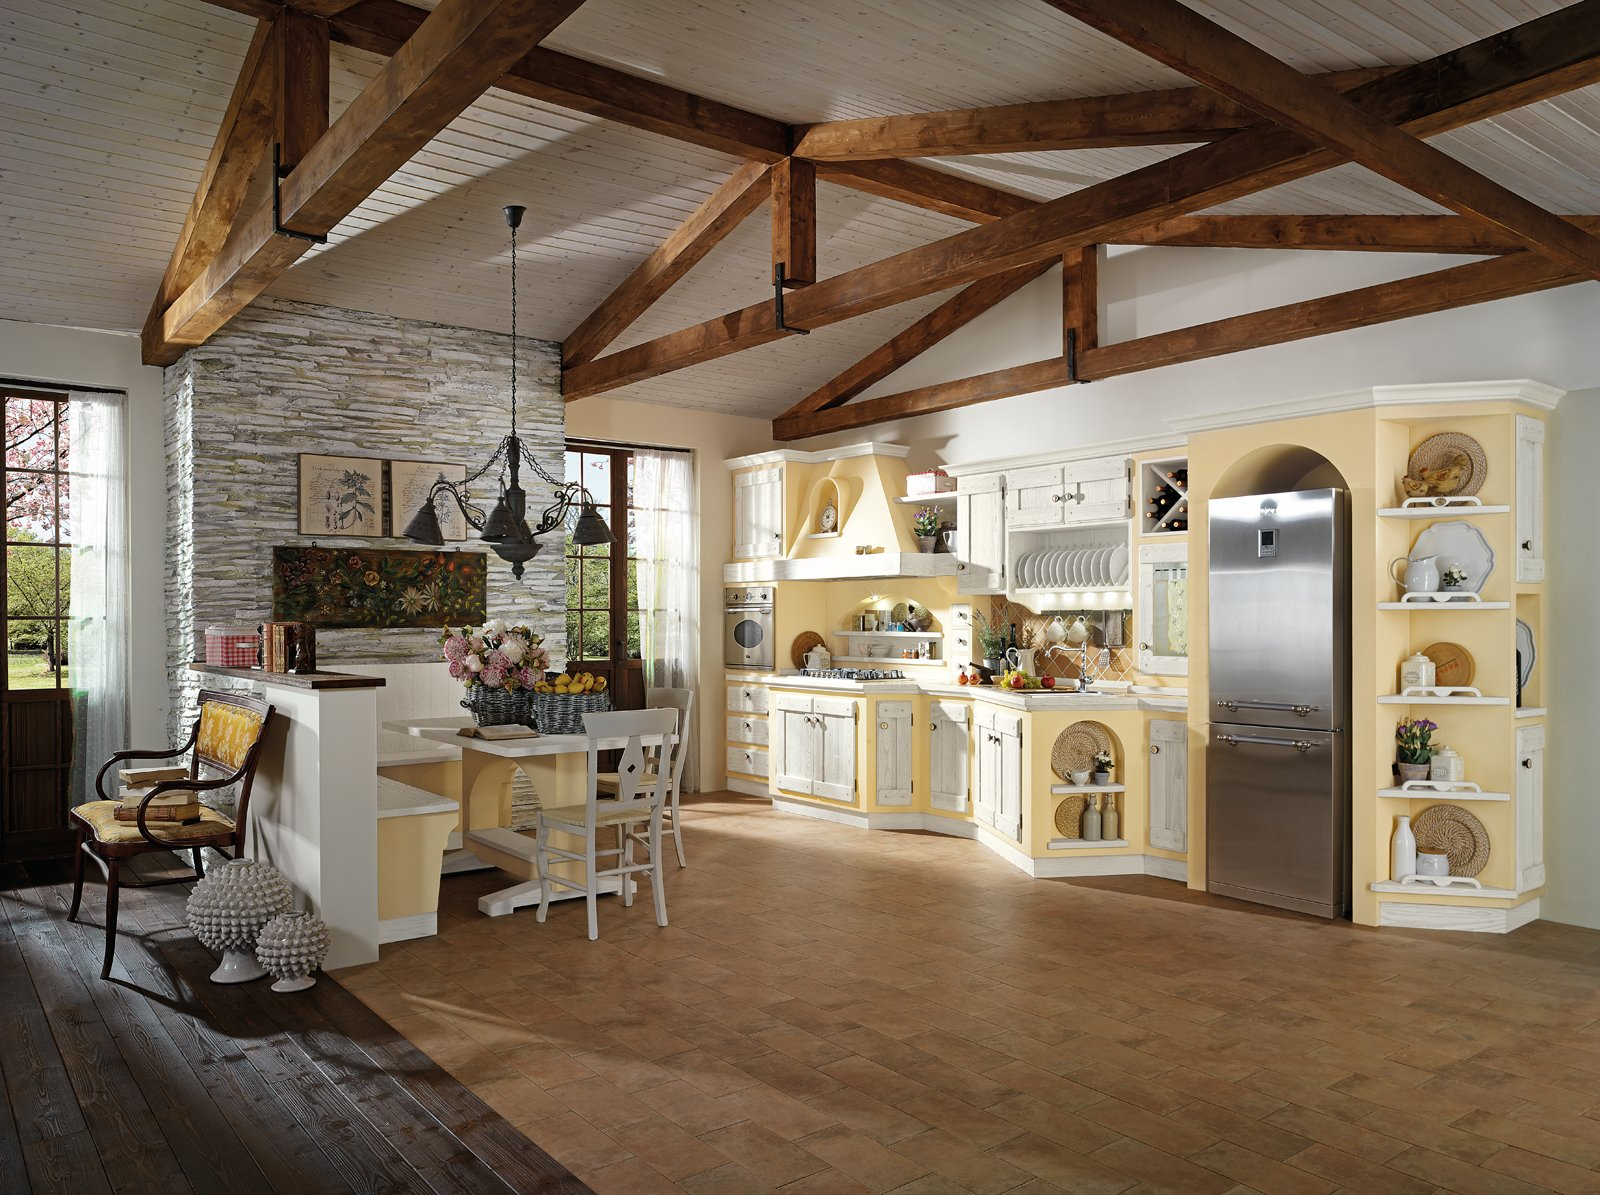 La Muratura Ma è Finita Con Vernice Al Quarzo Lavabile La Cucina  #927239 1600 1195 Come Pulire Il Top Della Cucina In Quarzo